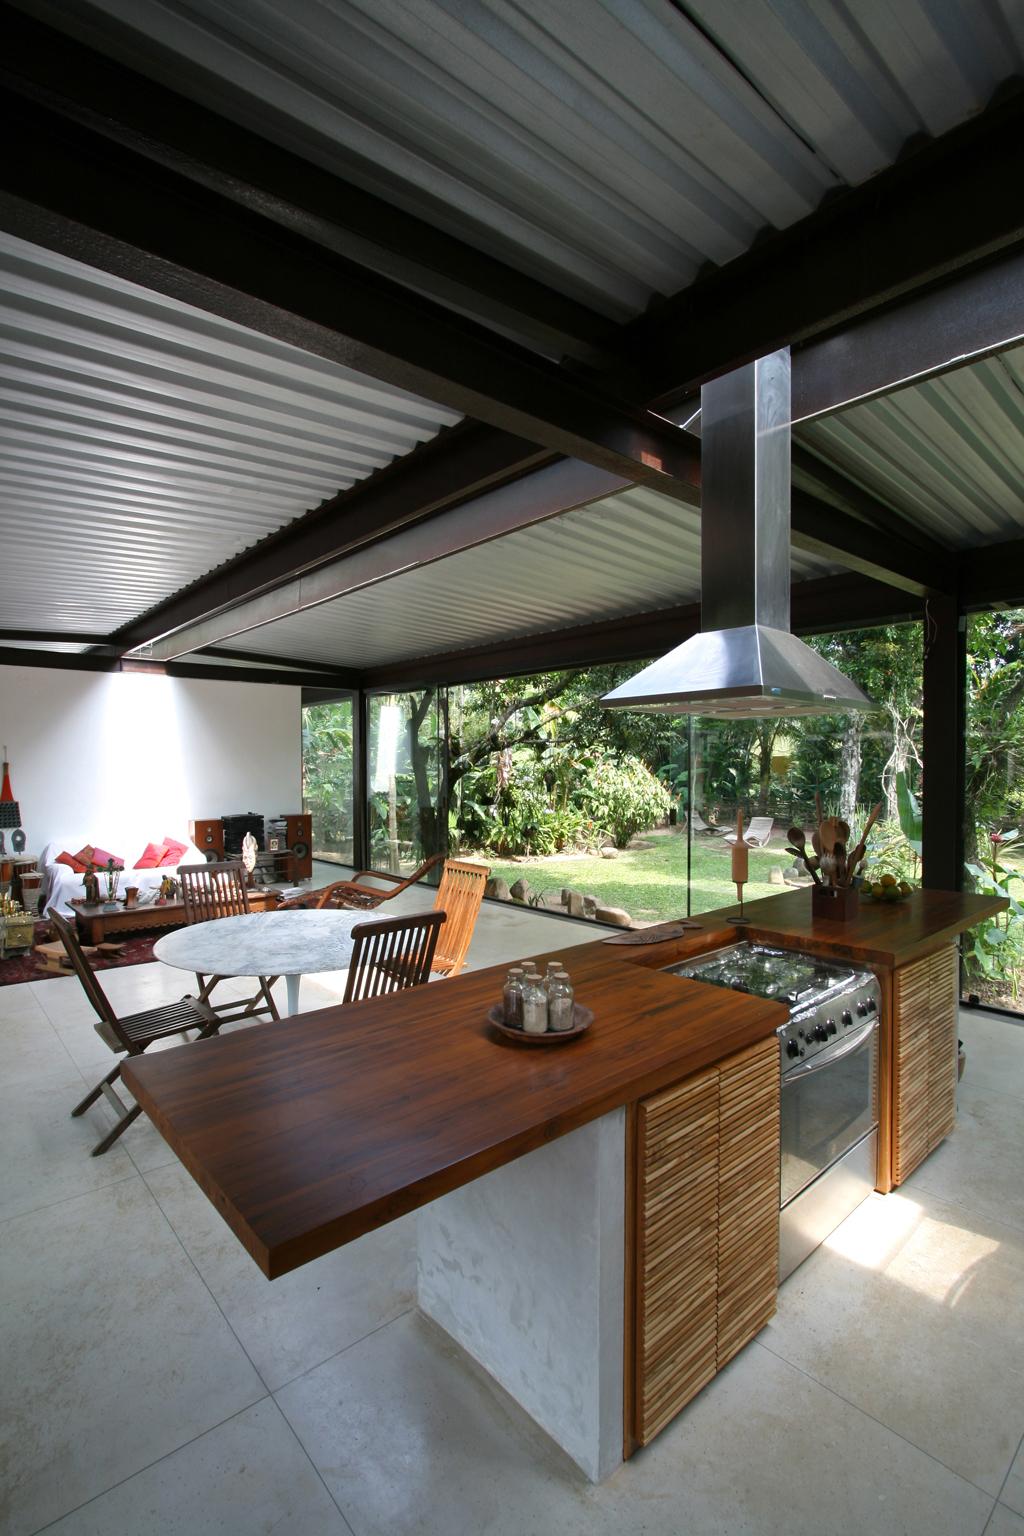 Rio de Janeiro – RJ » vista sala integrada a partir da cozinha #64432D 1024 1536